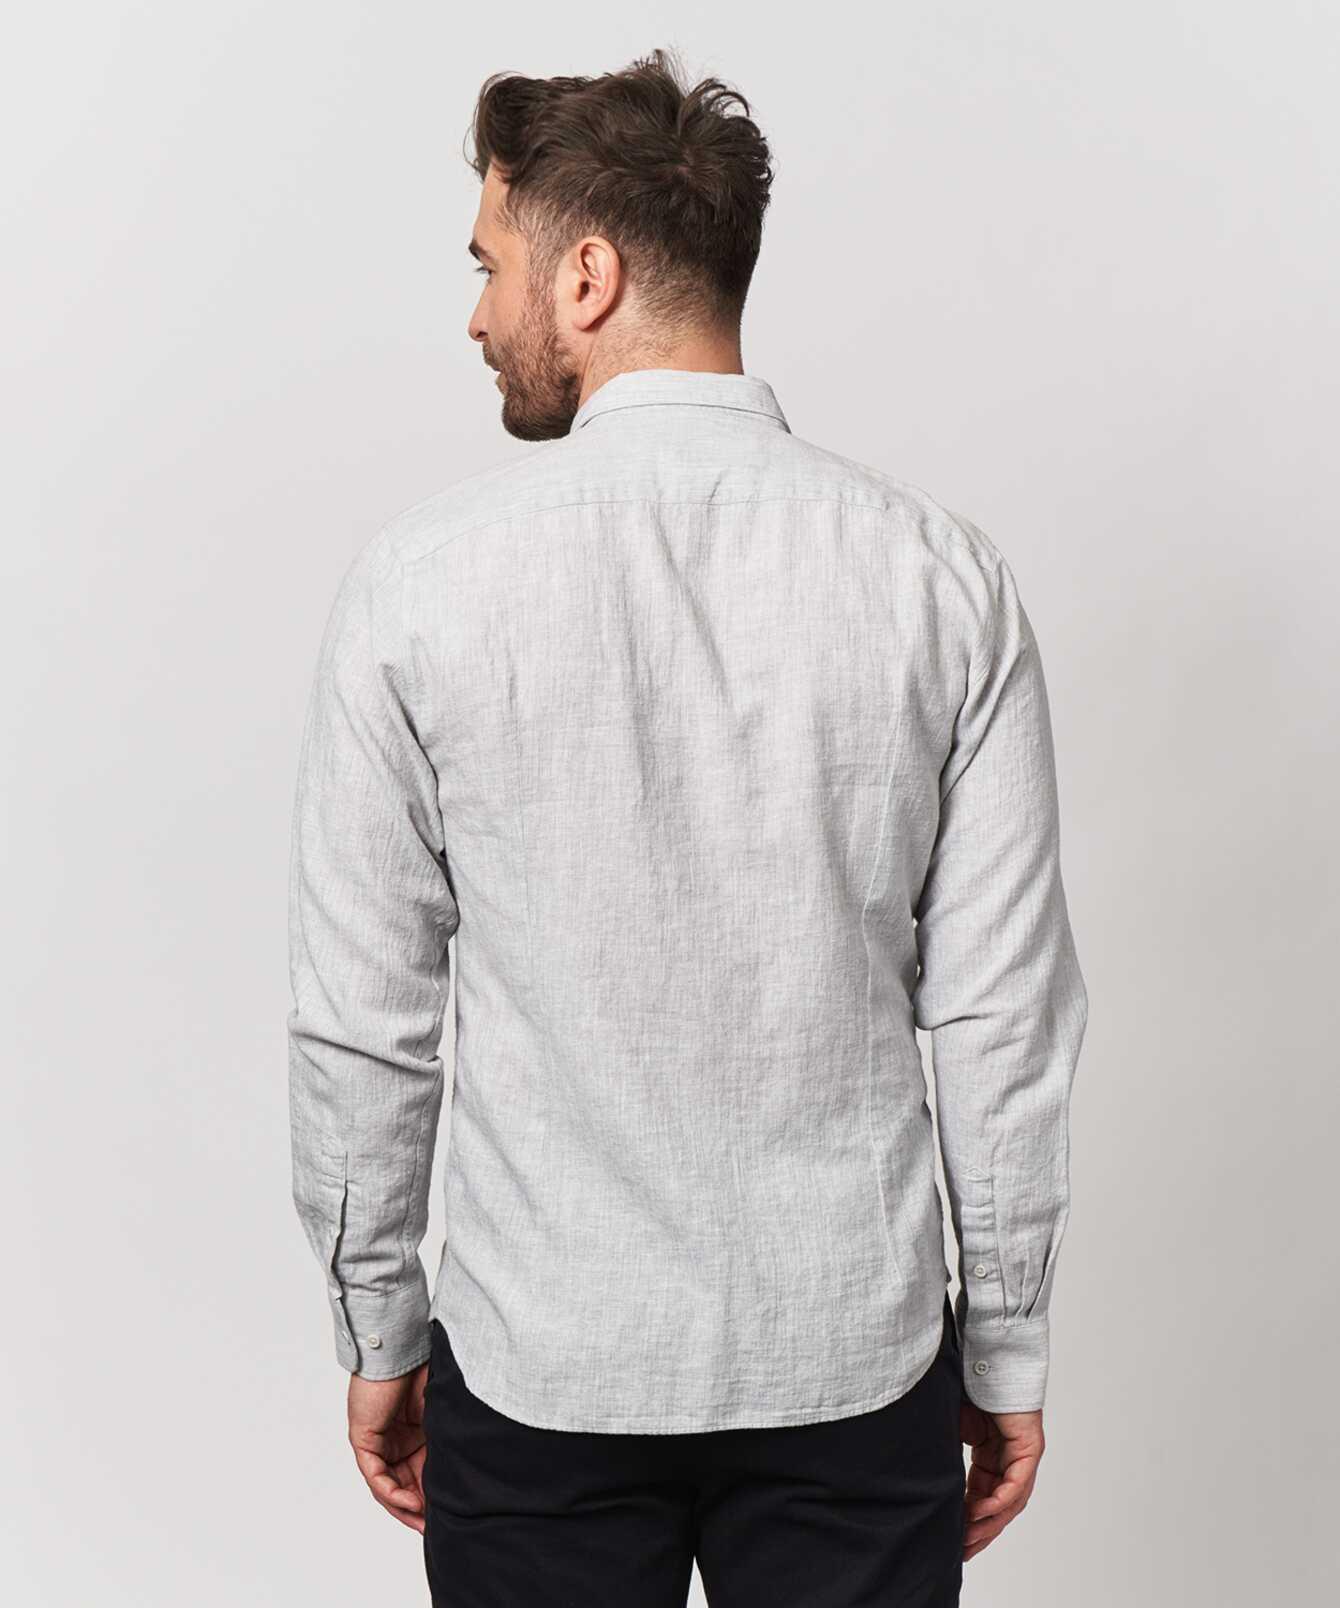 Skjorta Webster Grå The Shirt Factory